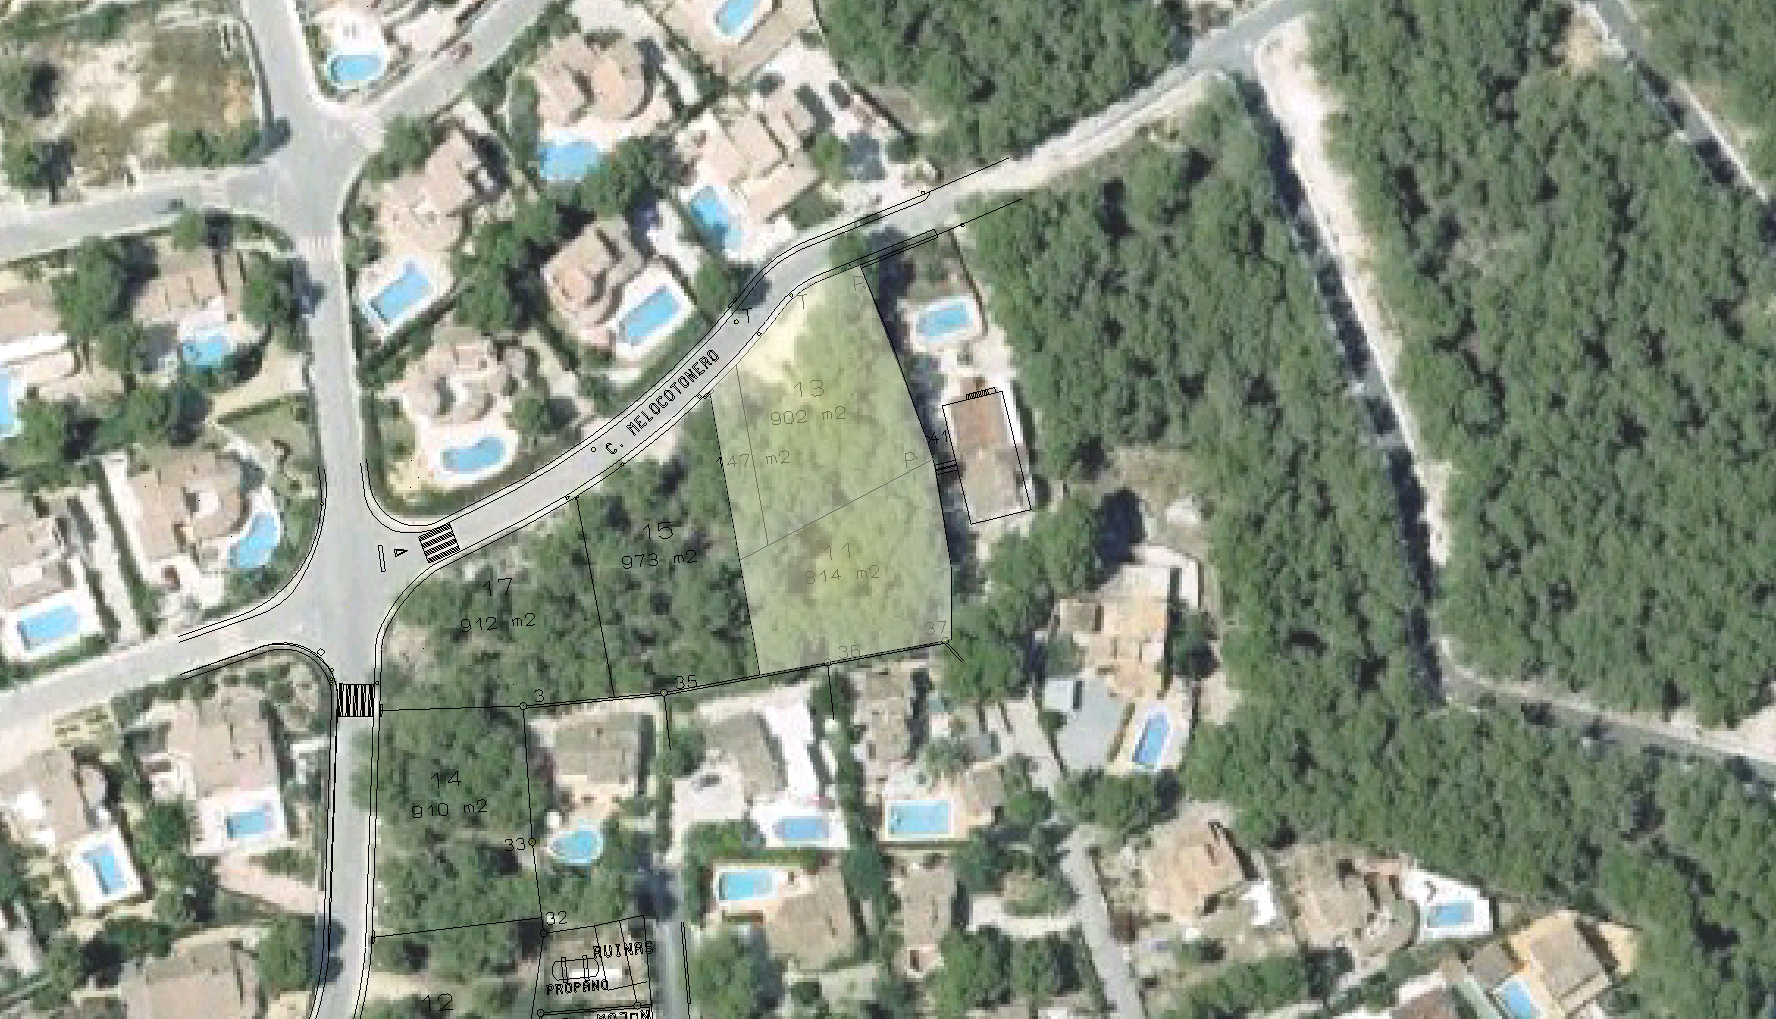 Terrain à Moraira, Urbanizacion El Bosque, vente